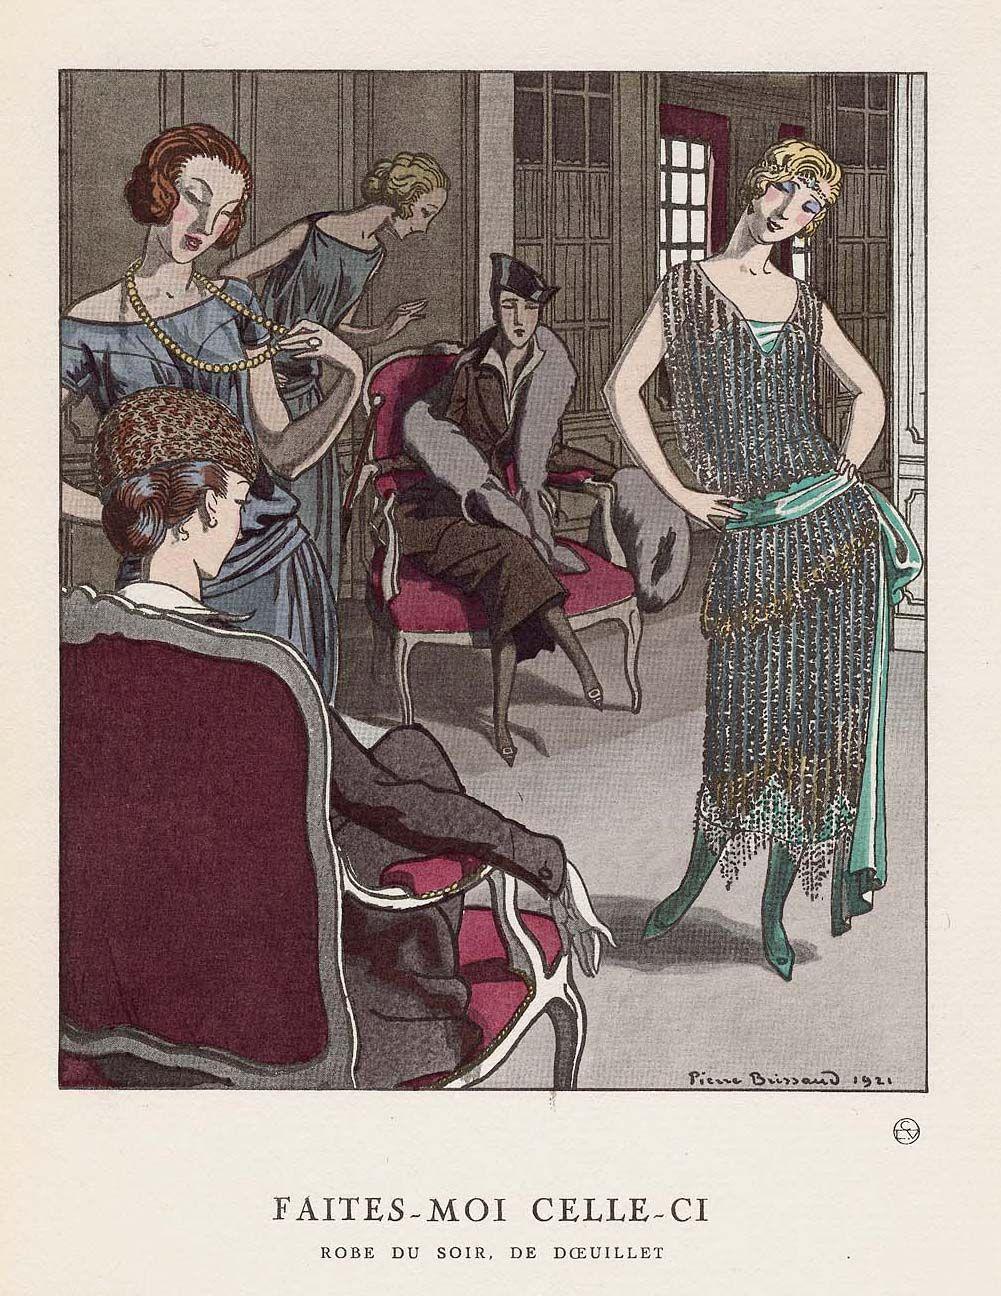 Les Planches Disponibles dans la Gazette du Bon Ton Présentaient les Créations des Couturiers de l'Epoque, Considérés comme 'Soutiens', et Fournissant un Modèle Exclusif par Numéro comme Doeuillet, ici en 1912